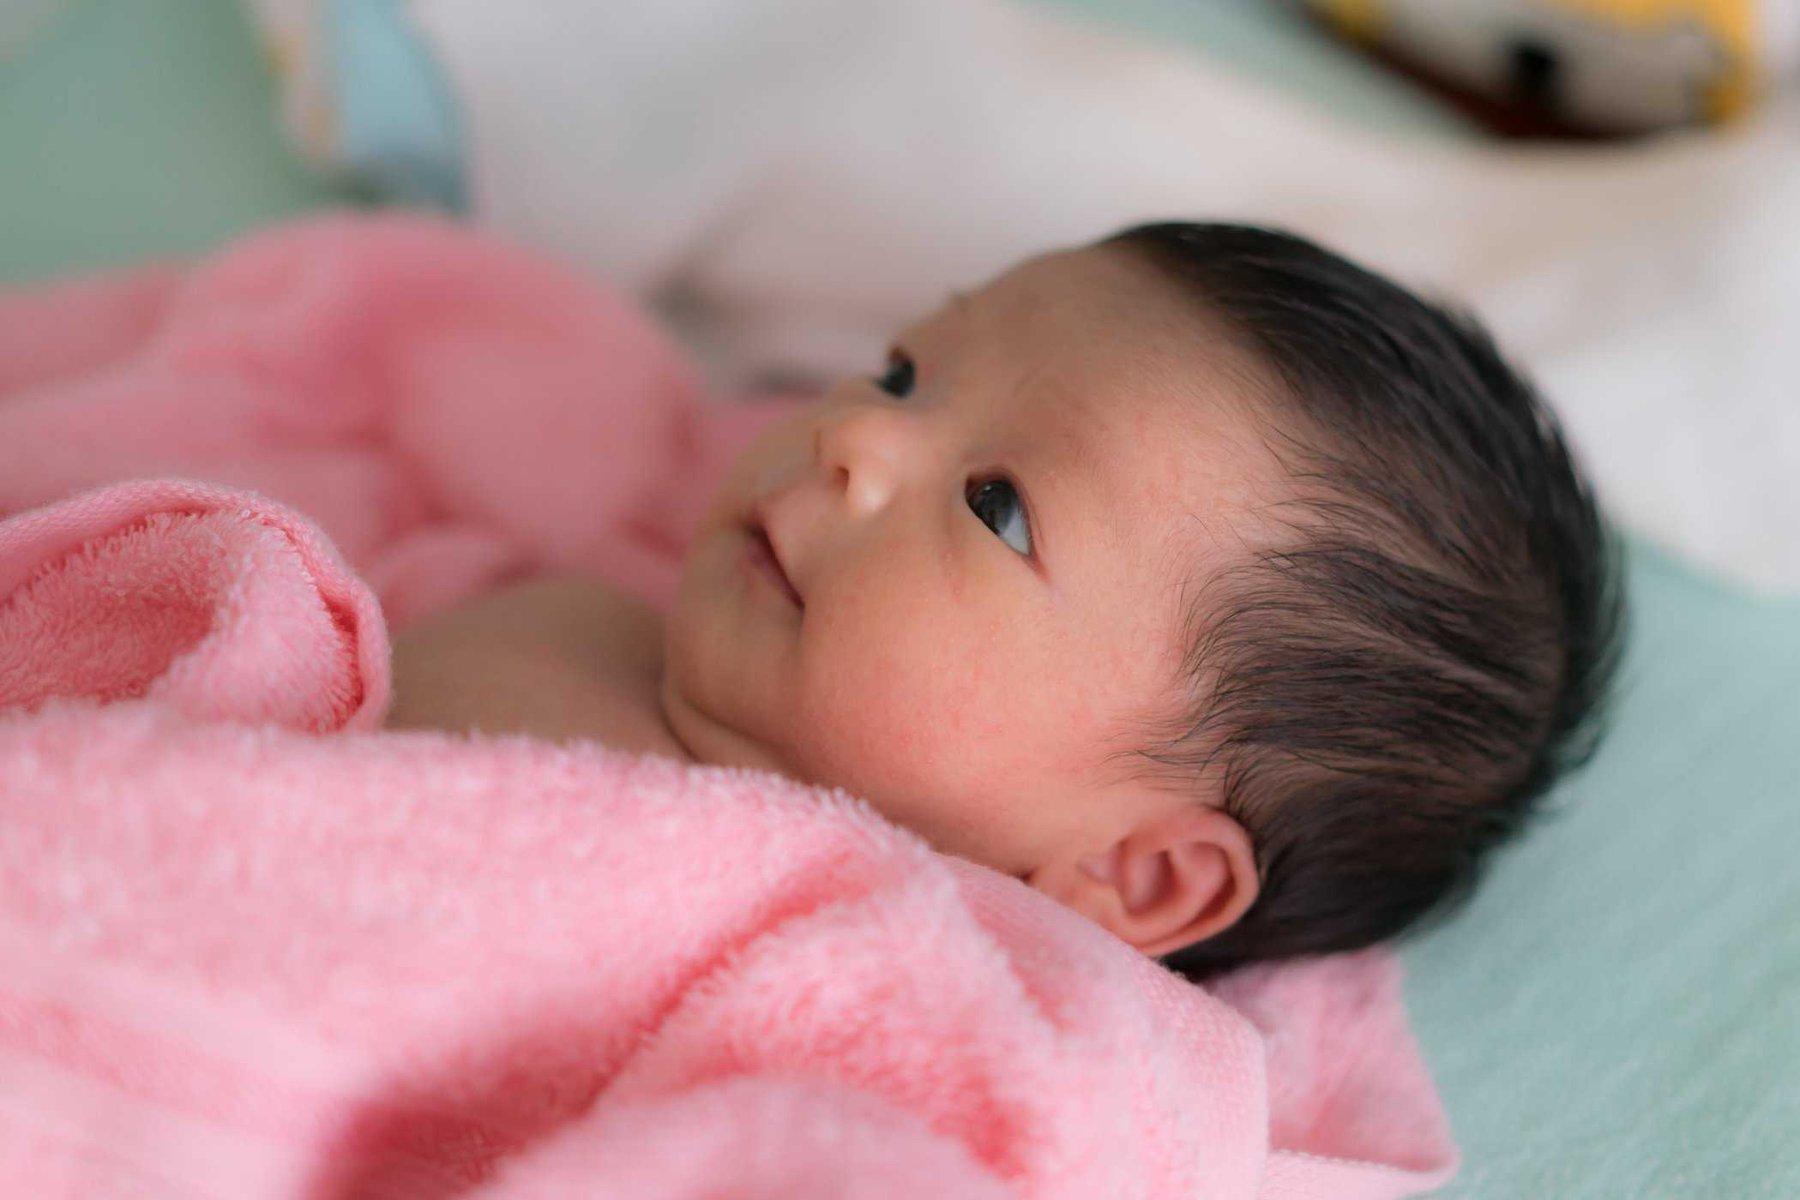 Chăm sóc trẻ sơ sinh 2 tháng tuổi cha mẹ cần ghi nhớ 7 lưu ý quan trọng này  - Ảnh 4